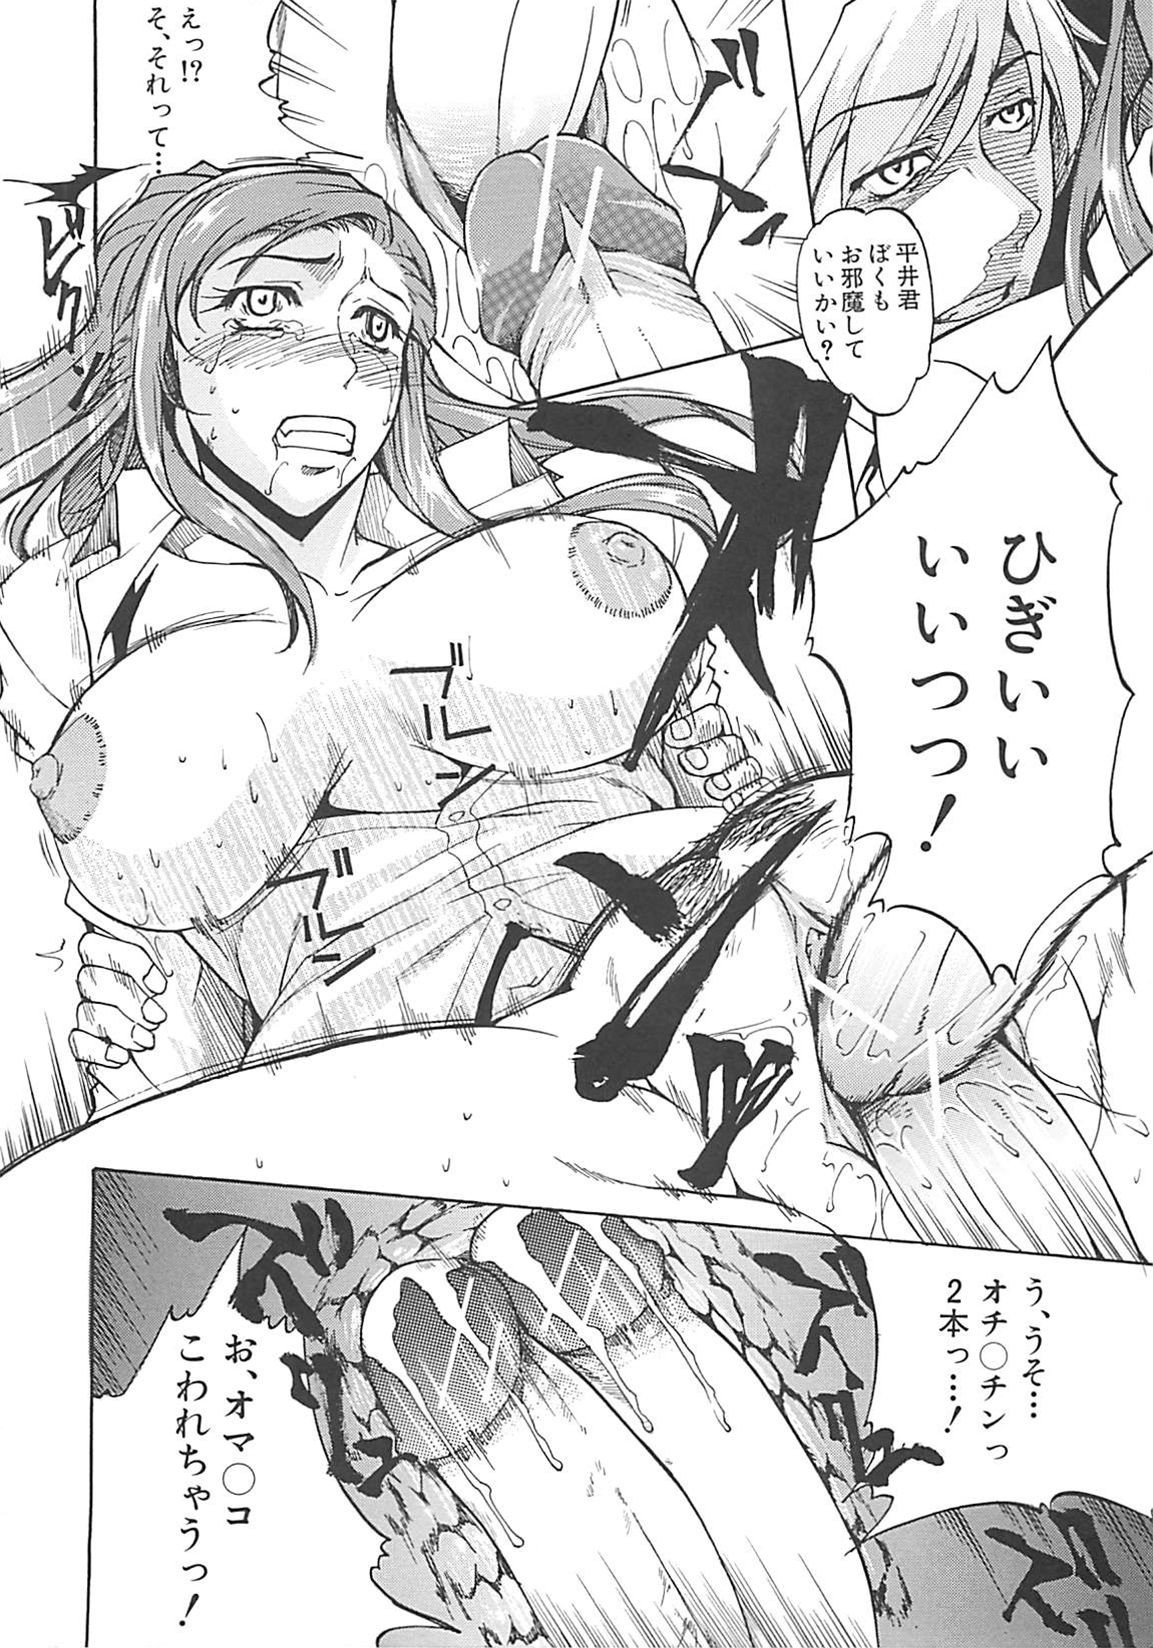 【エロ同人・エロ漫画】カタブツだと思っていた女教師は放課後目隠しをして生徒とセックスをする淫乱だったwww 020